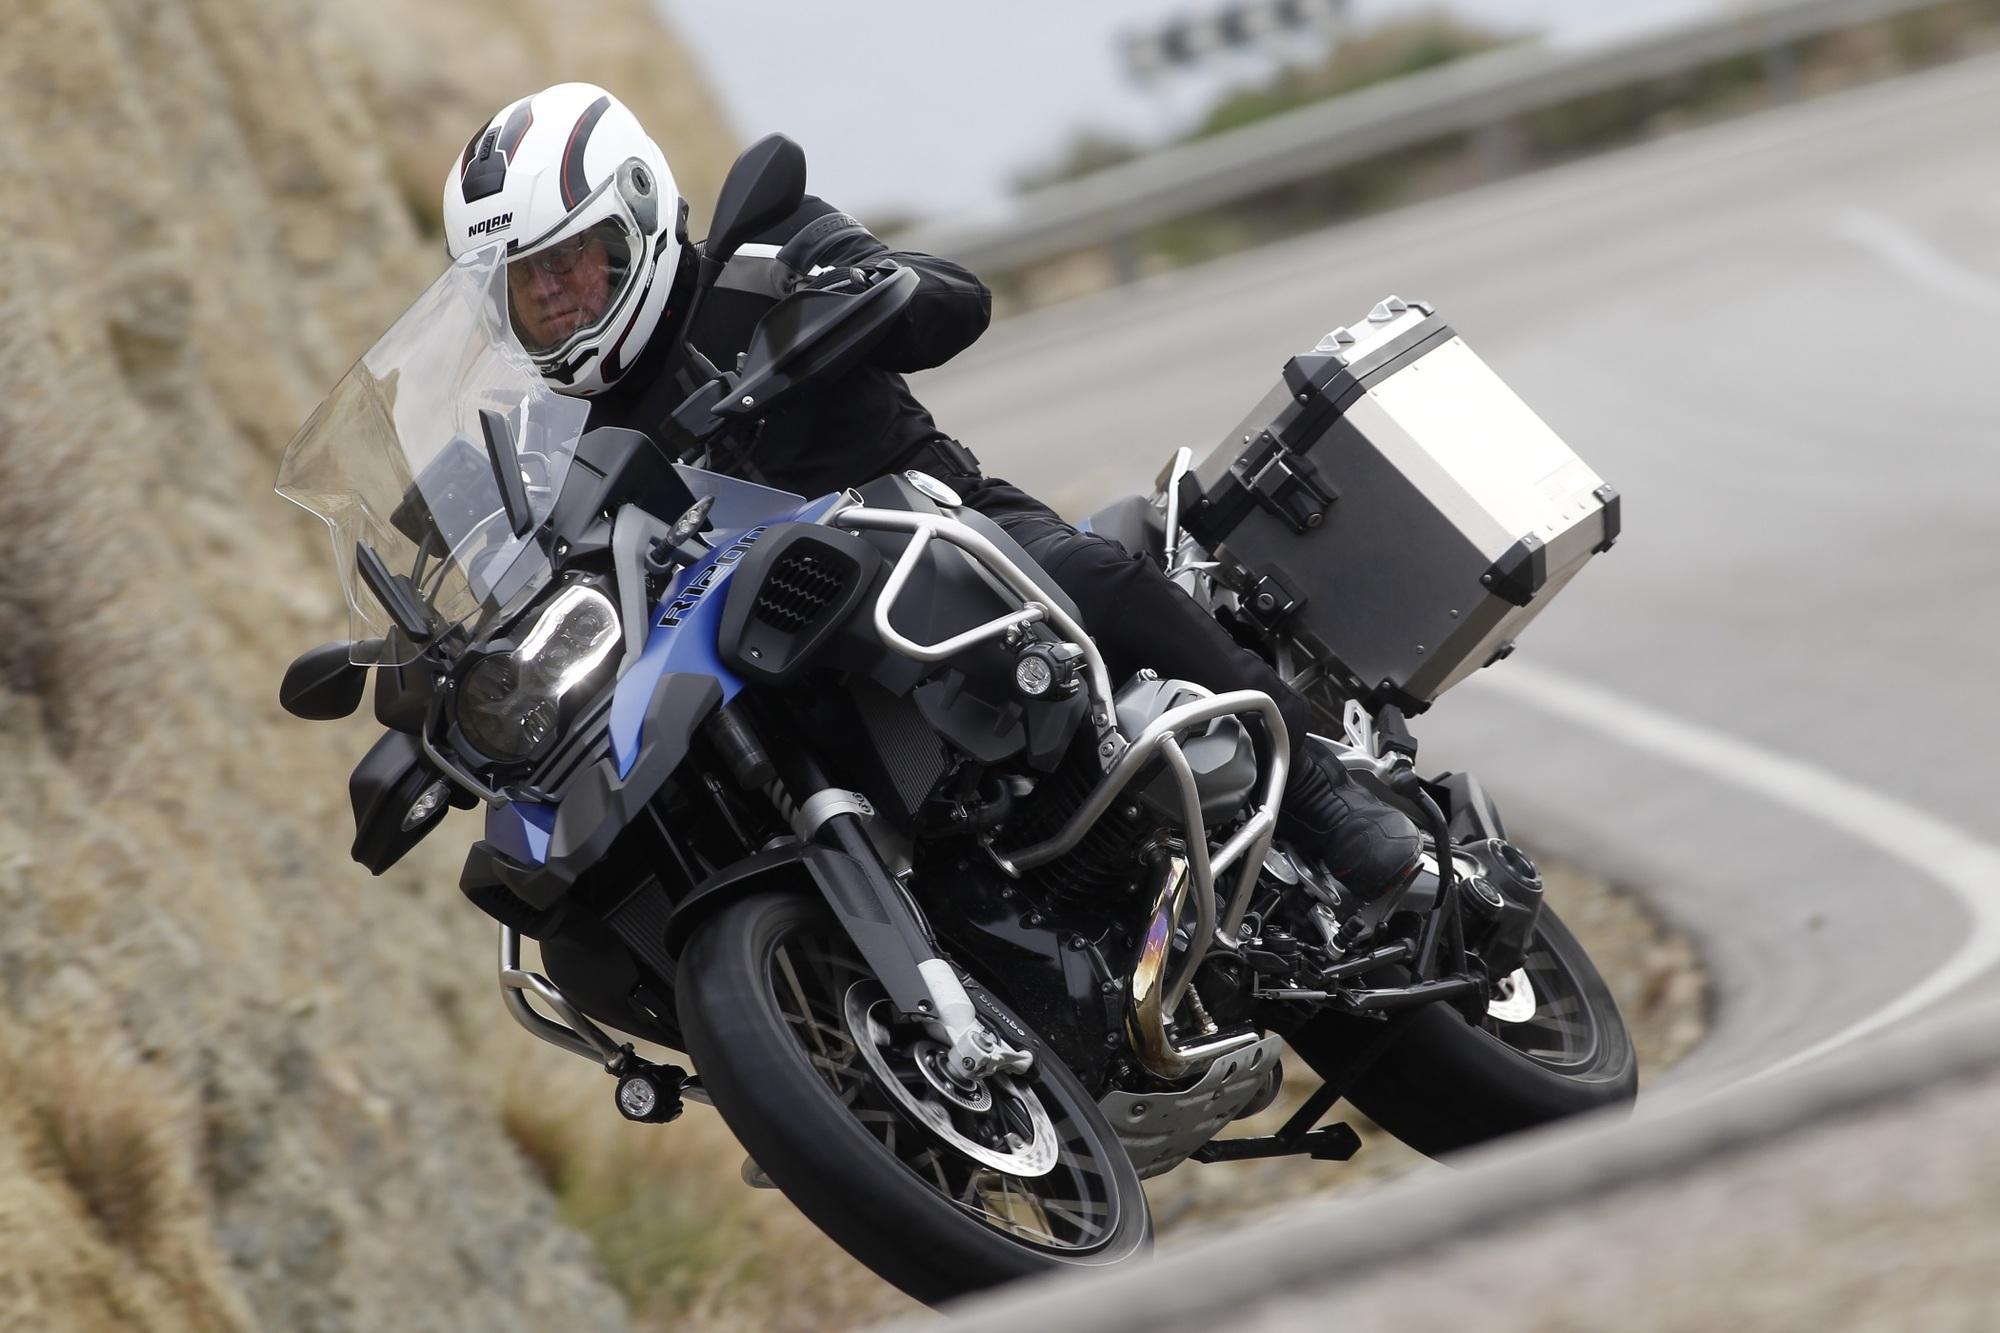 BMW R 1200 GS Adventure - König der Lüfte